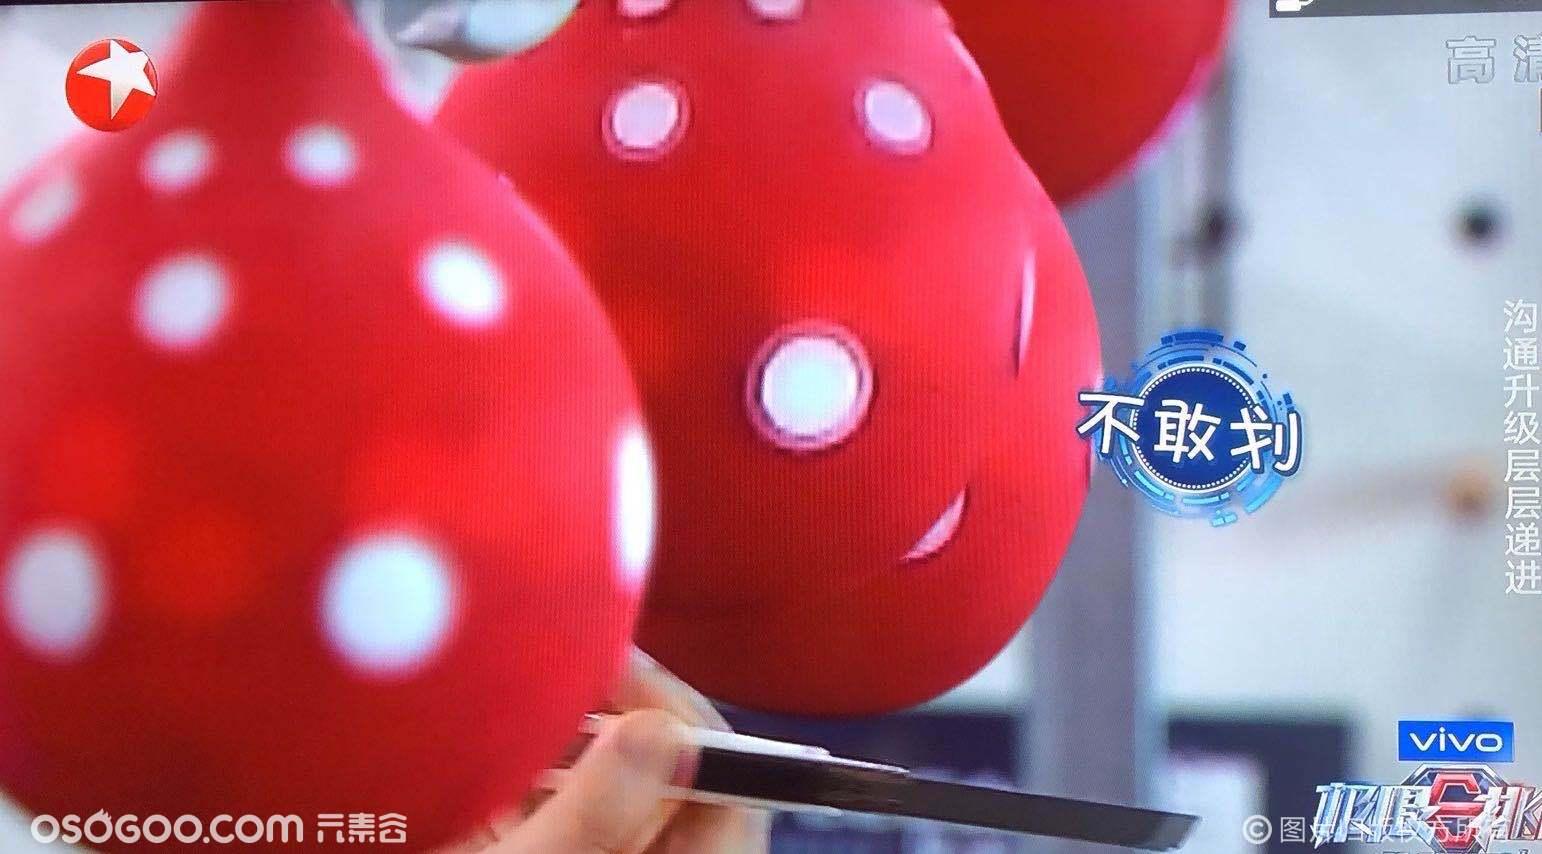 互动游戏|气球也玩出花样了